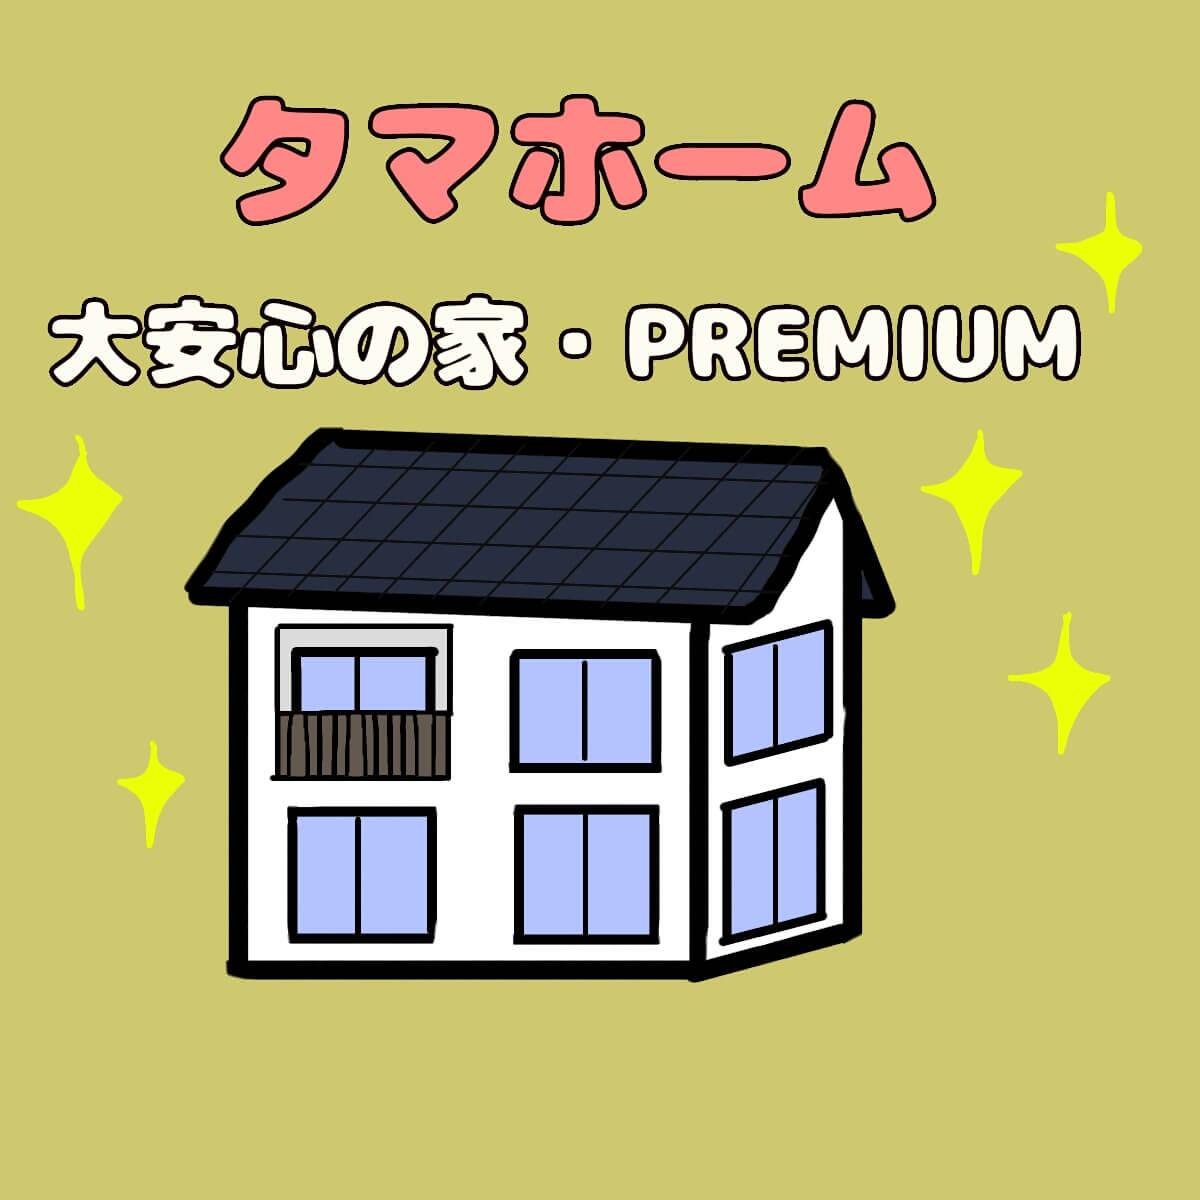 タマホーム大安心の家premium